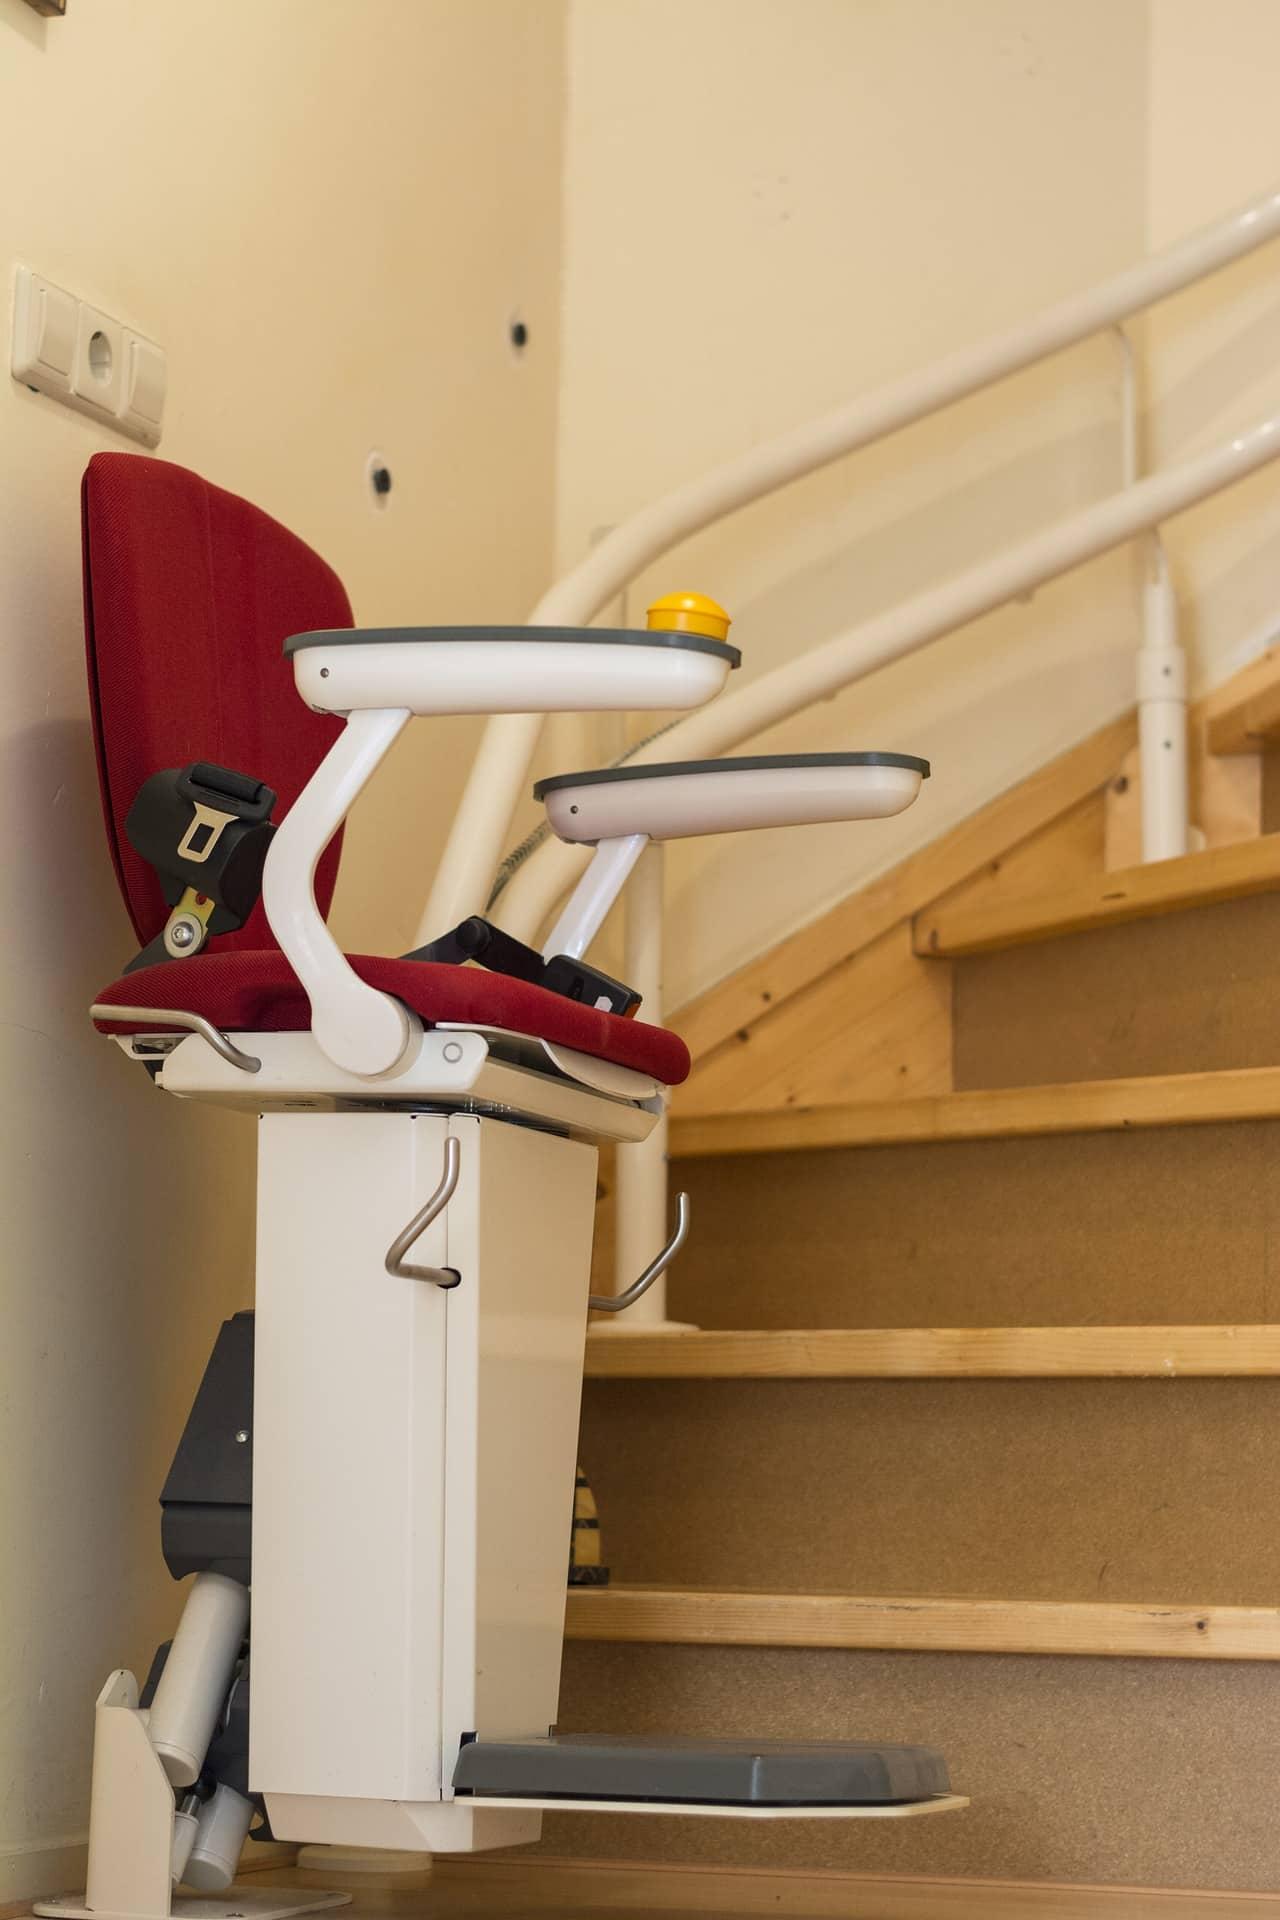 Agevolazioni Disabili: Legge 104 sull'acquisto degli elettrodomestici e abbattimento delle barriere architettoniche